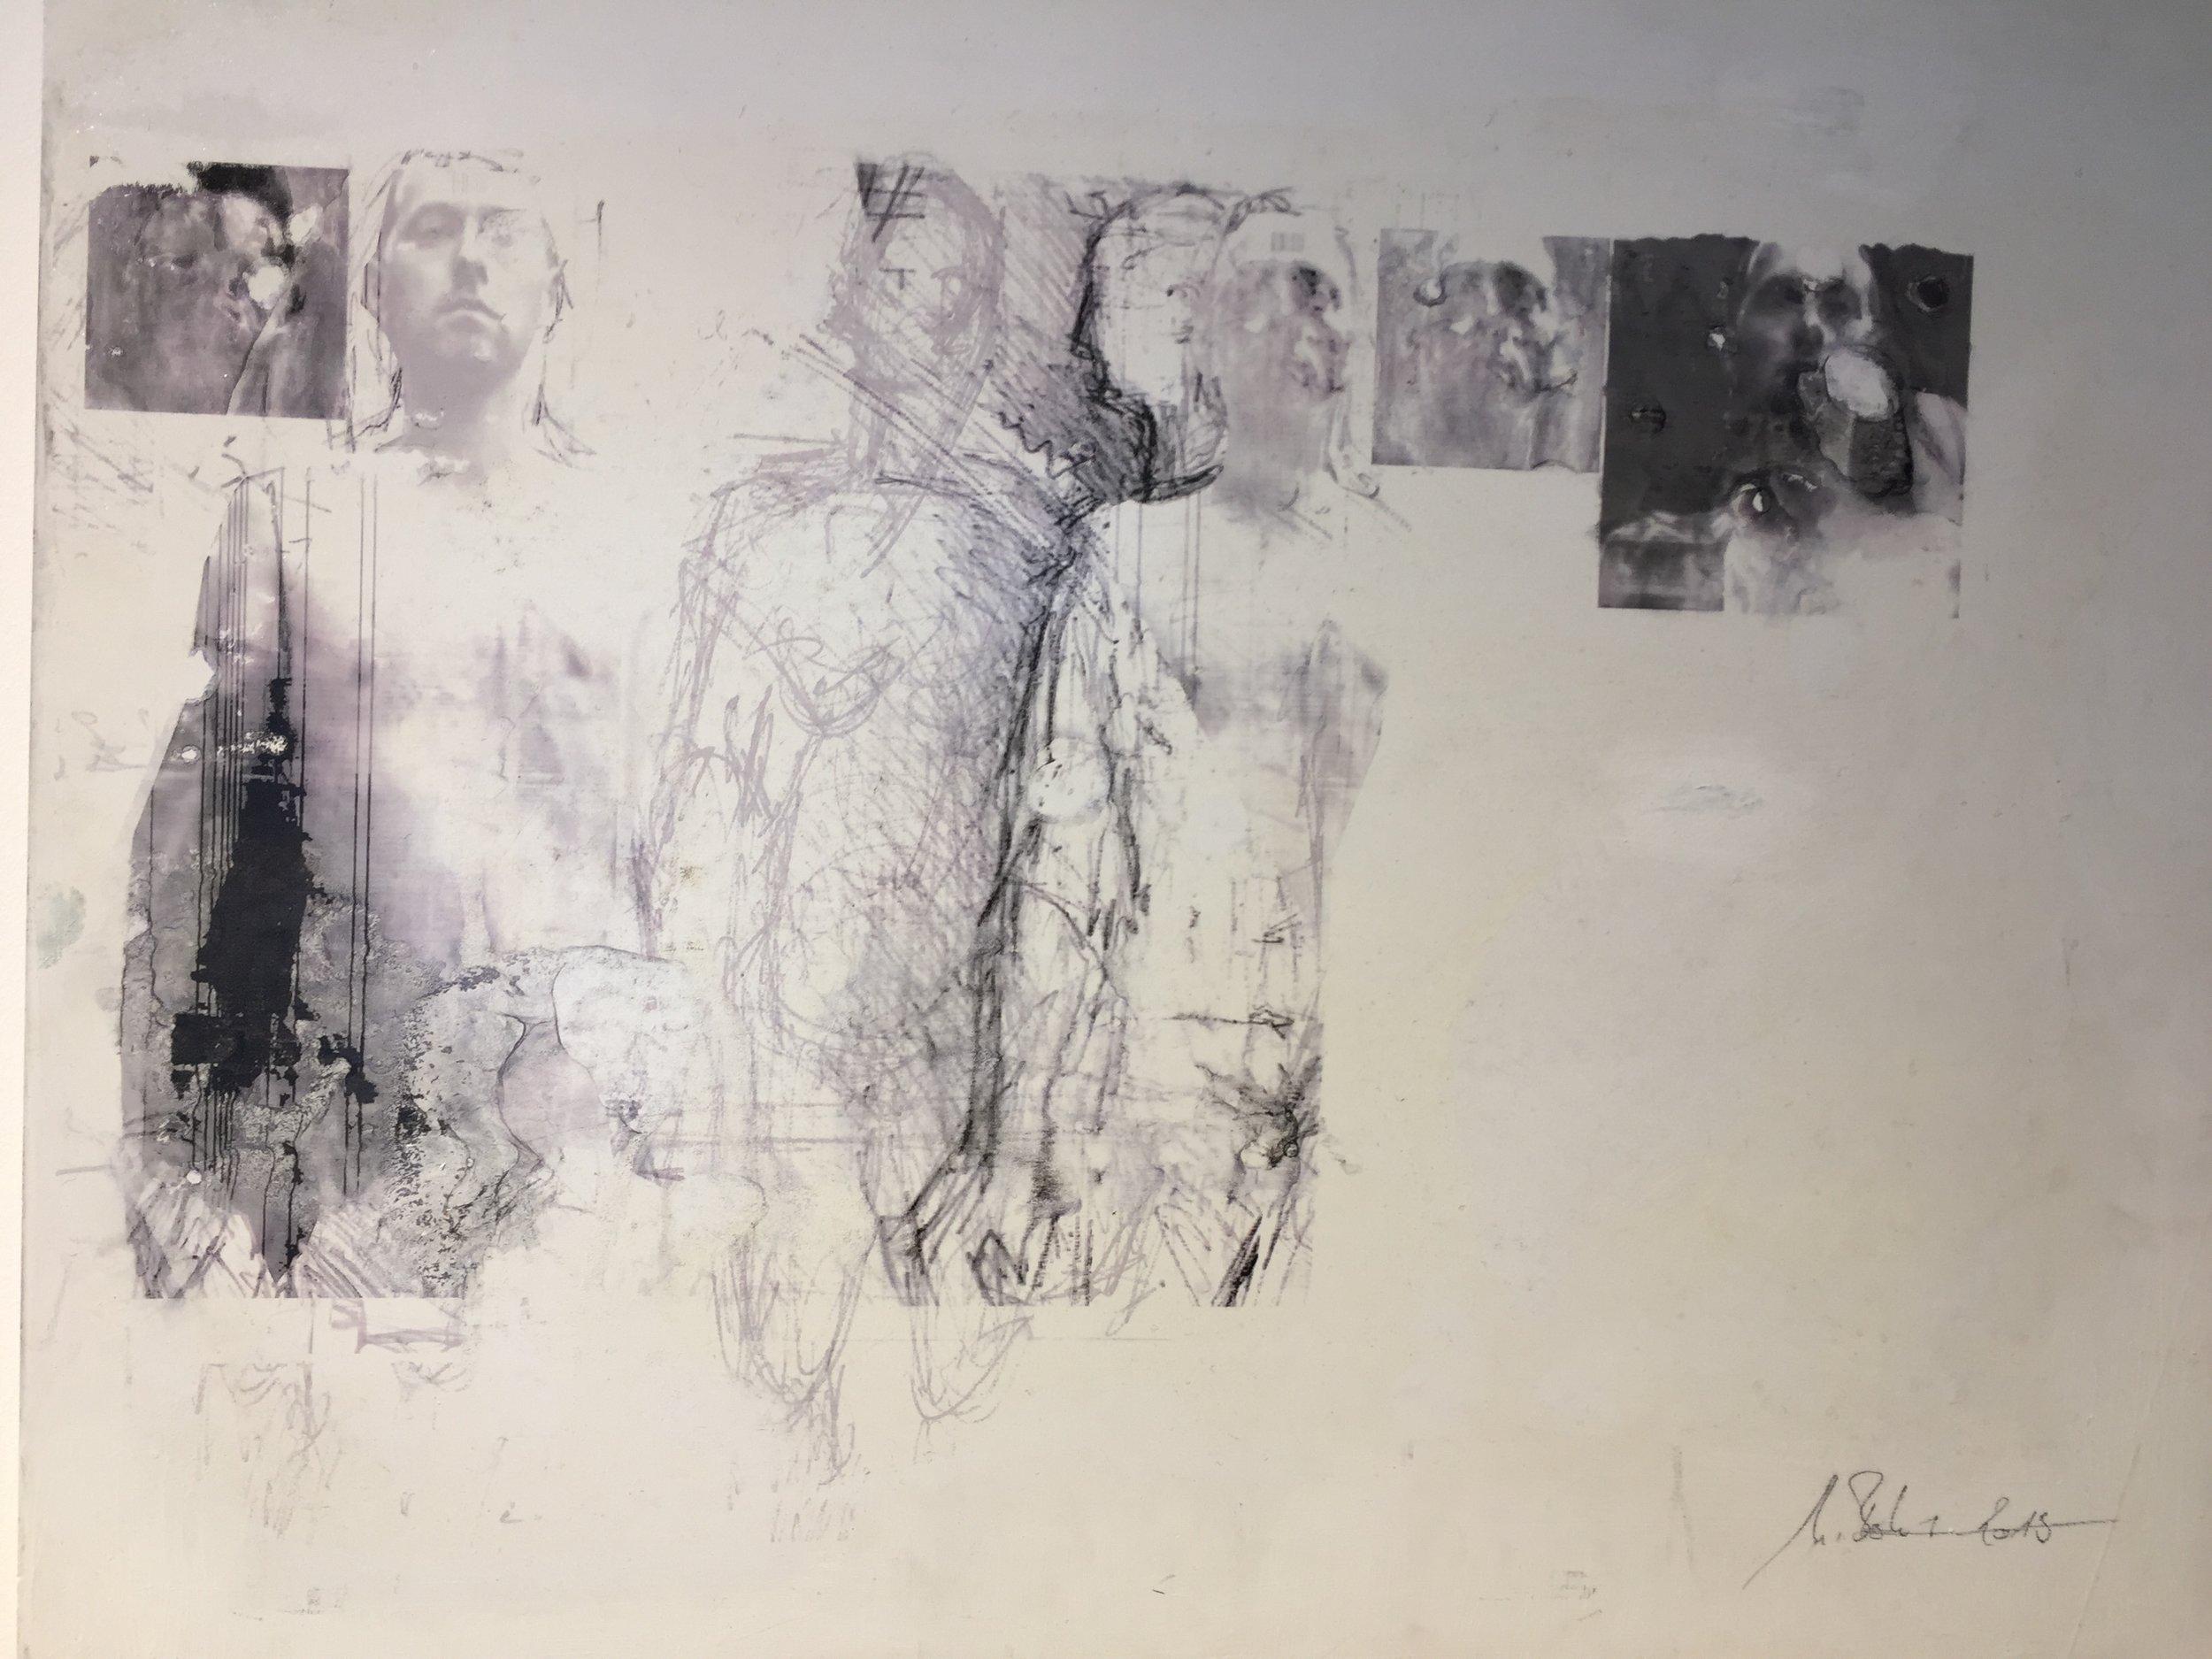 Exposition des 10 ans de la Galerie